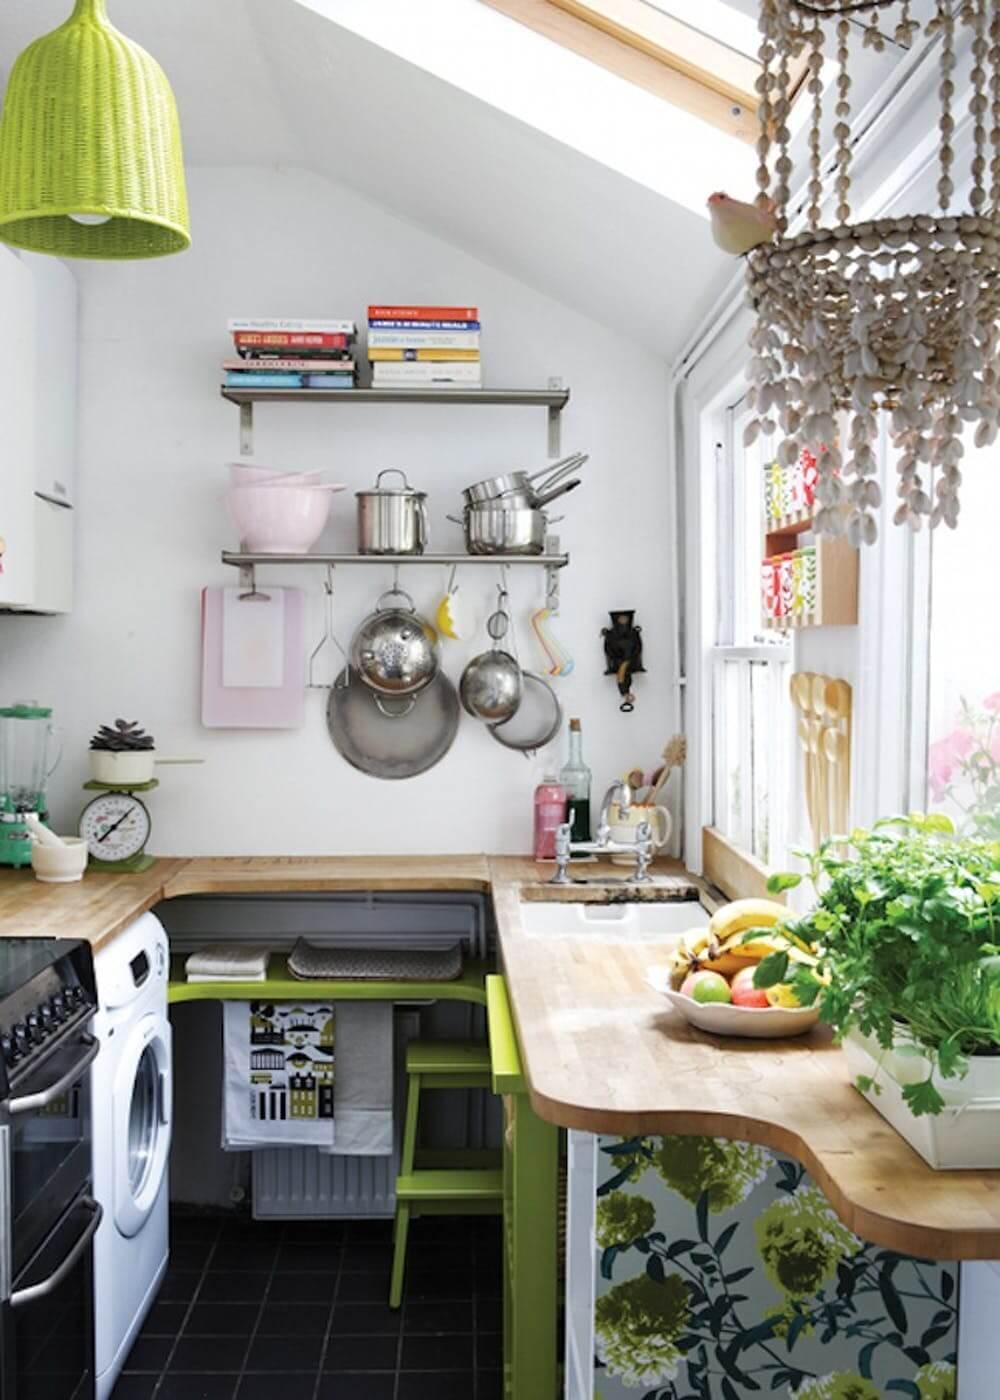 Idée de conception de petite cuisine avec étagères ouvertes